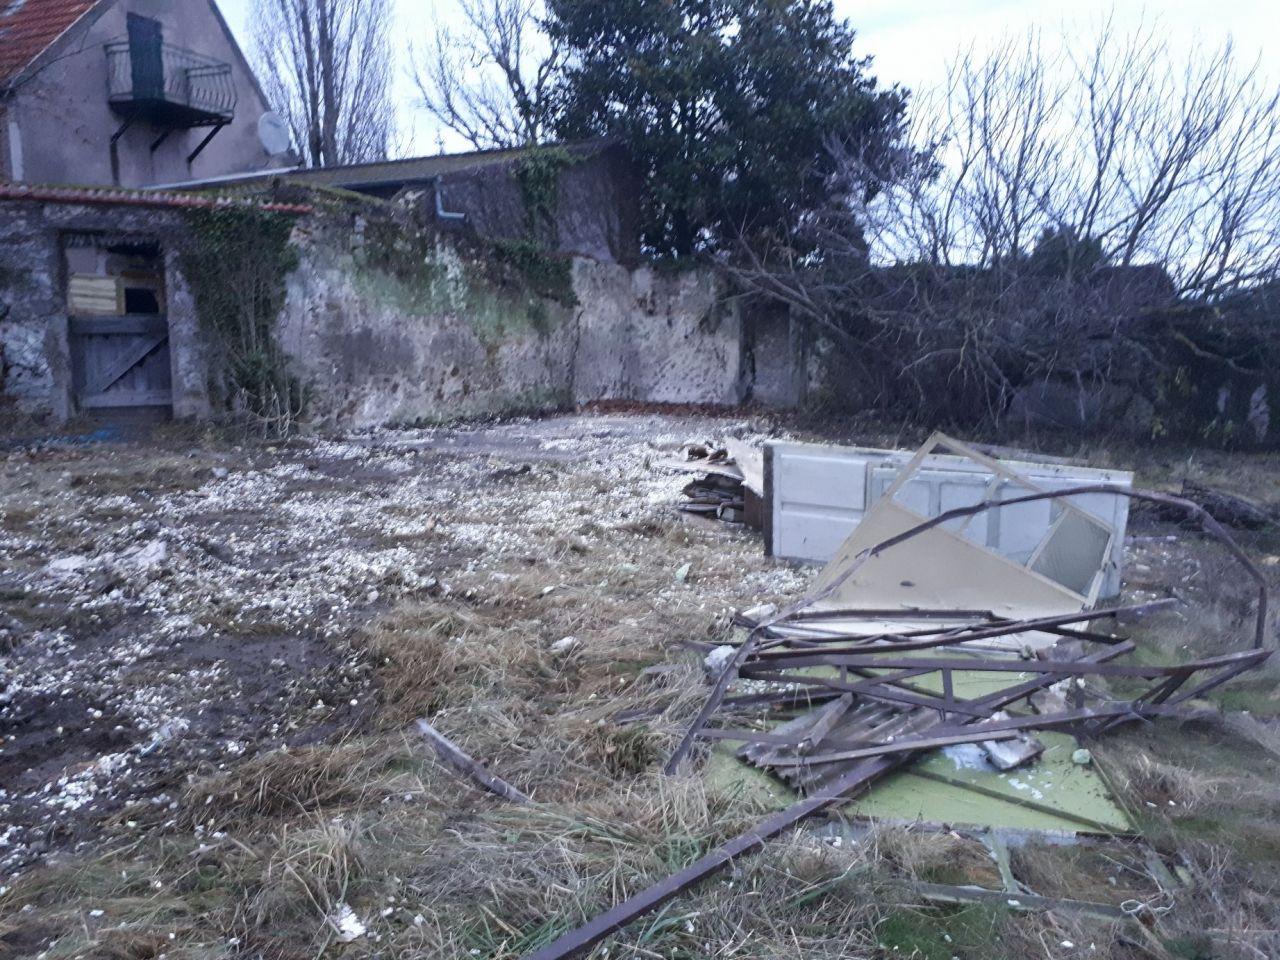 Abri de jardin démoli, il ne reste plus que la dalle à terminer au marteau-piqueur